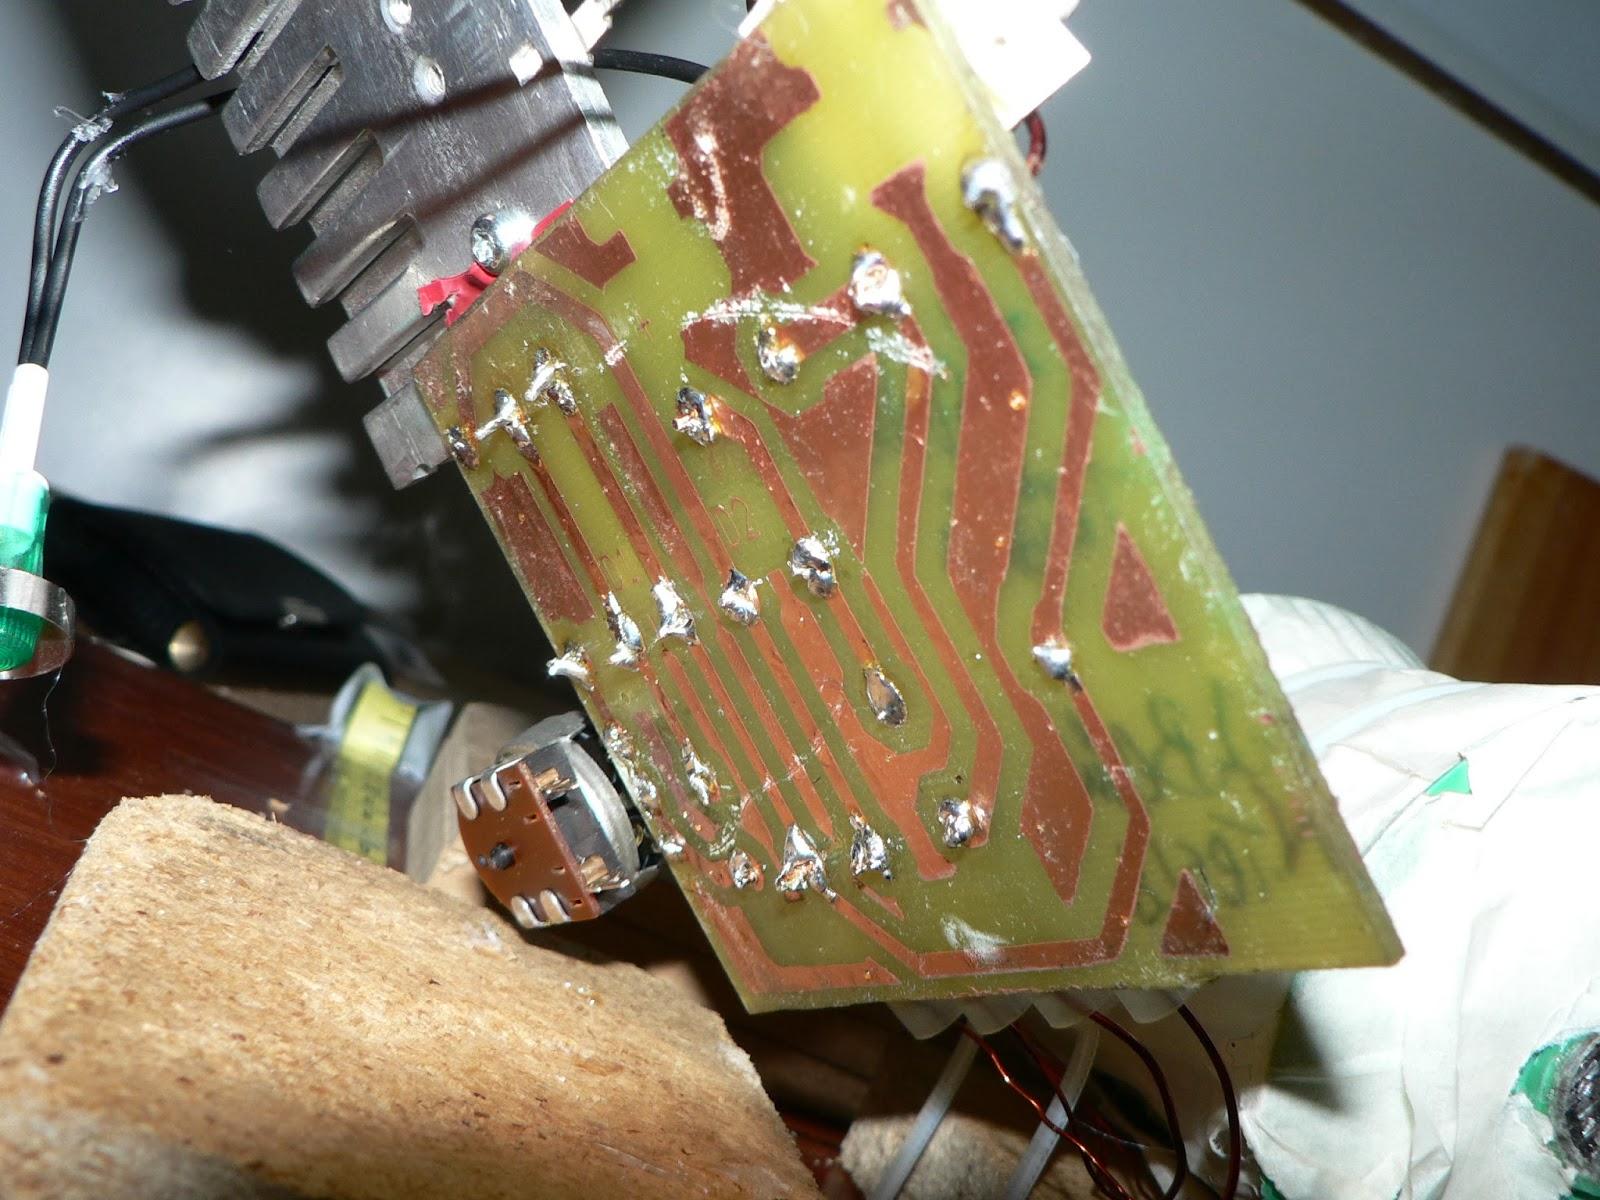 Circuito Motor Bedini : Ingenio triana construir tus propios circuitos de manera sencilla